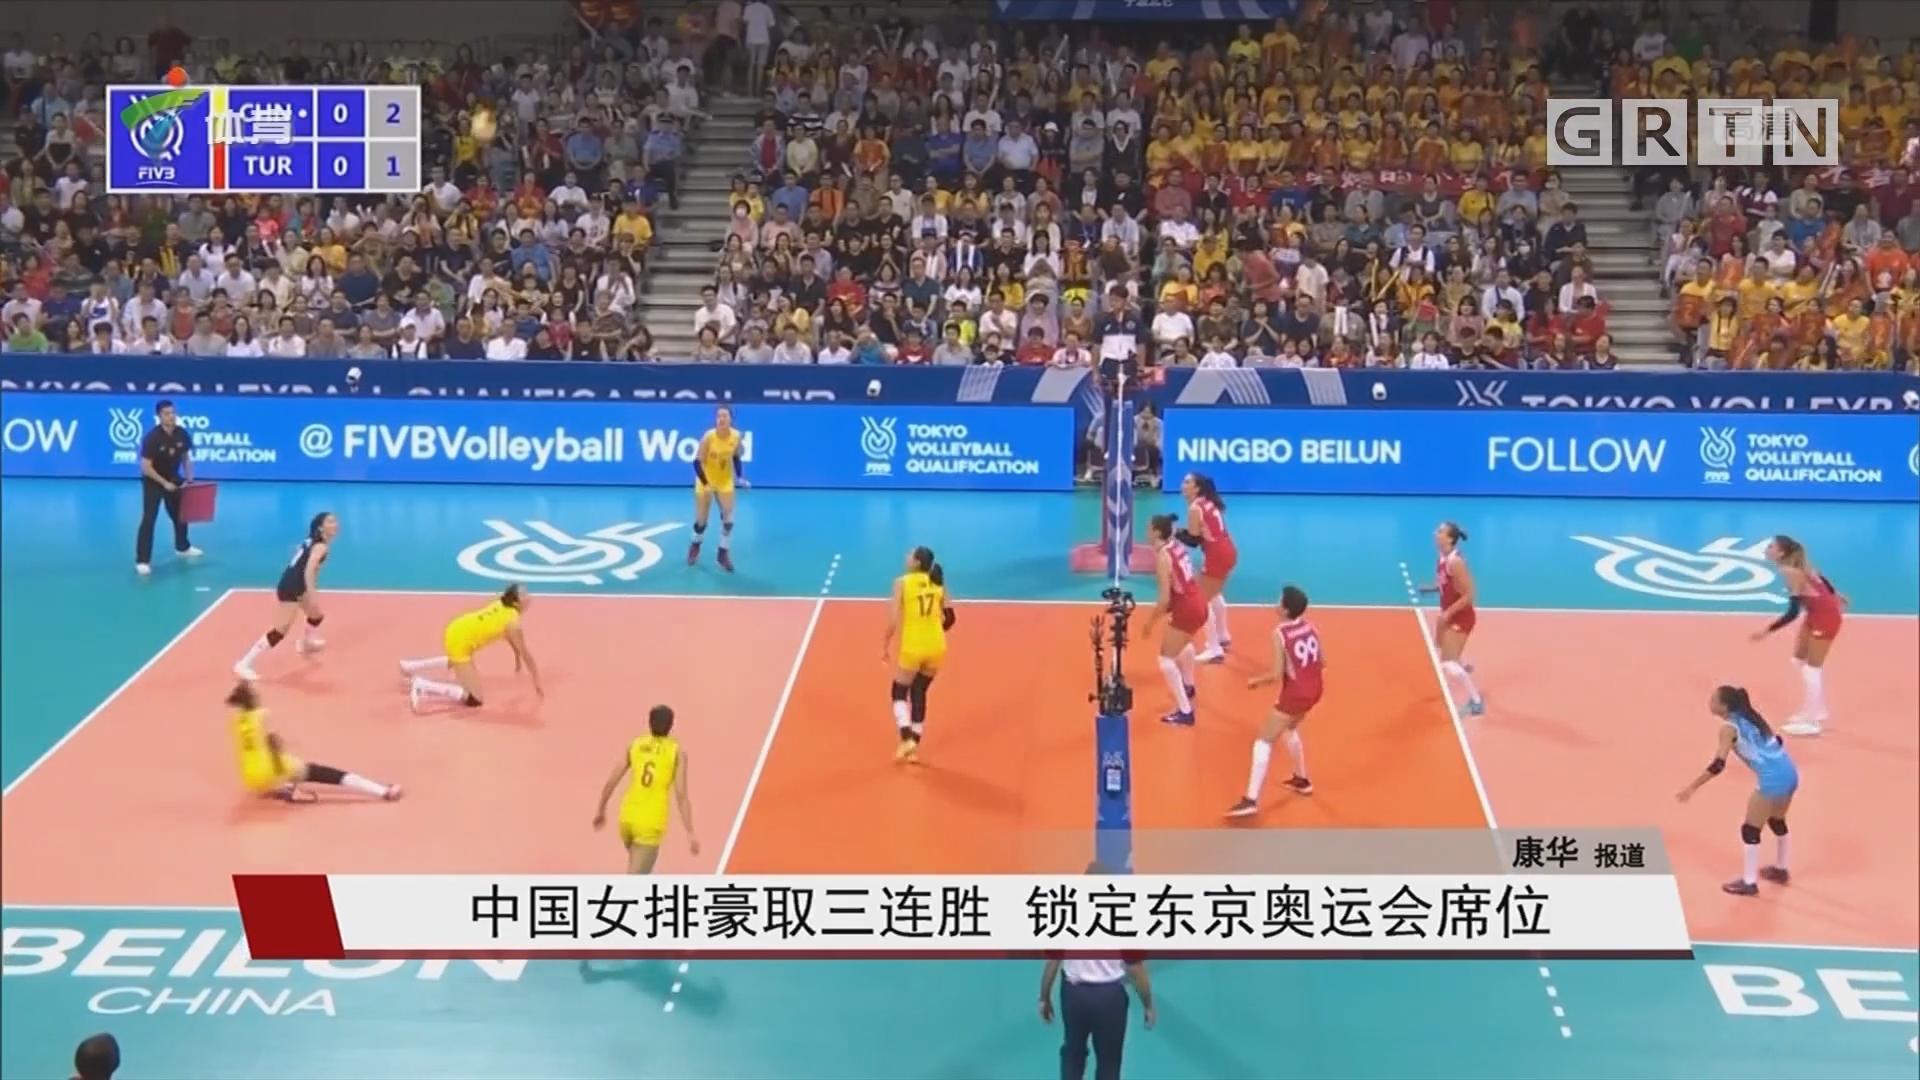 中国女排豪取三连胜 锁定东京奥运会席位